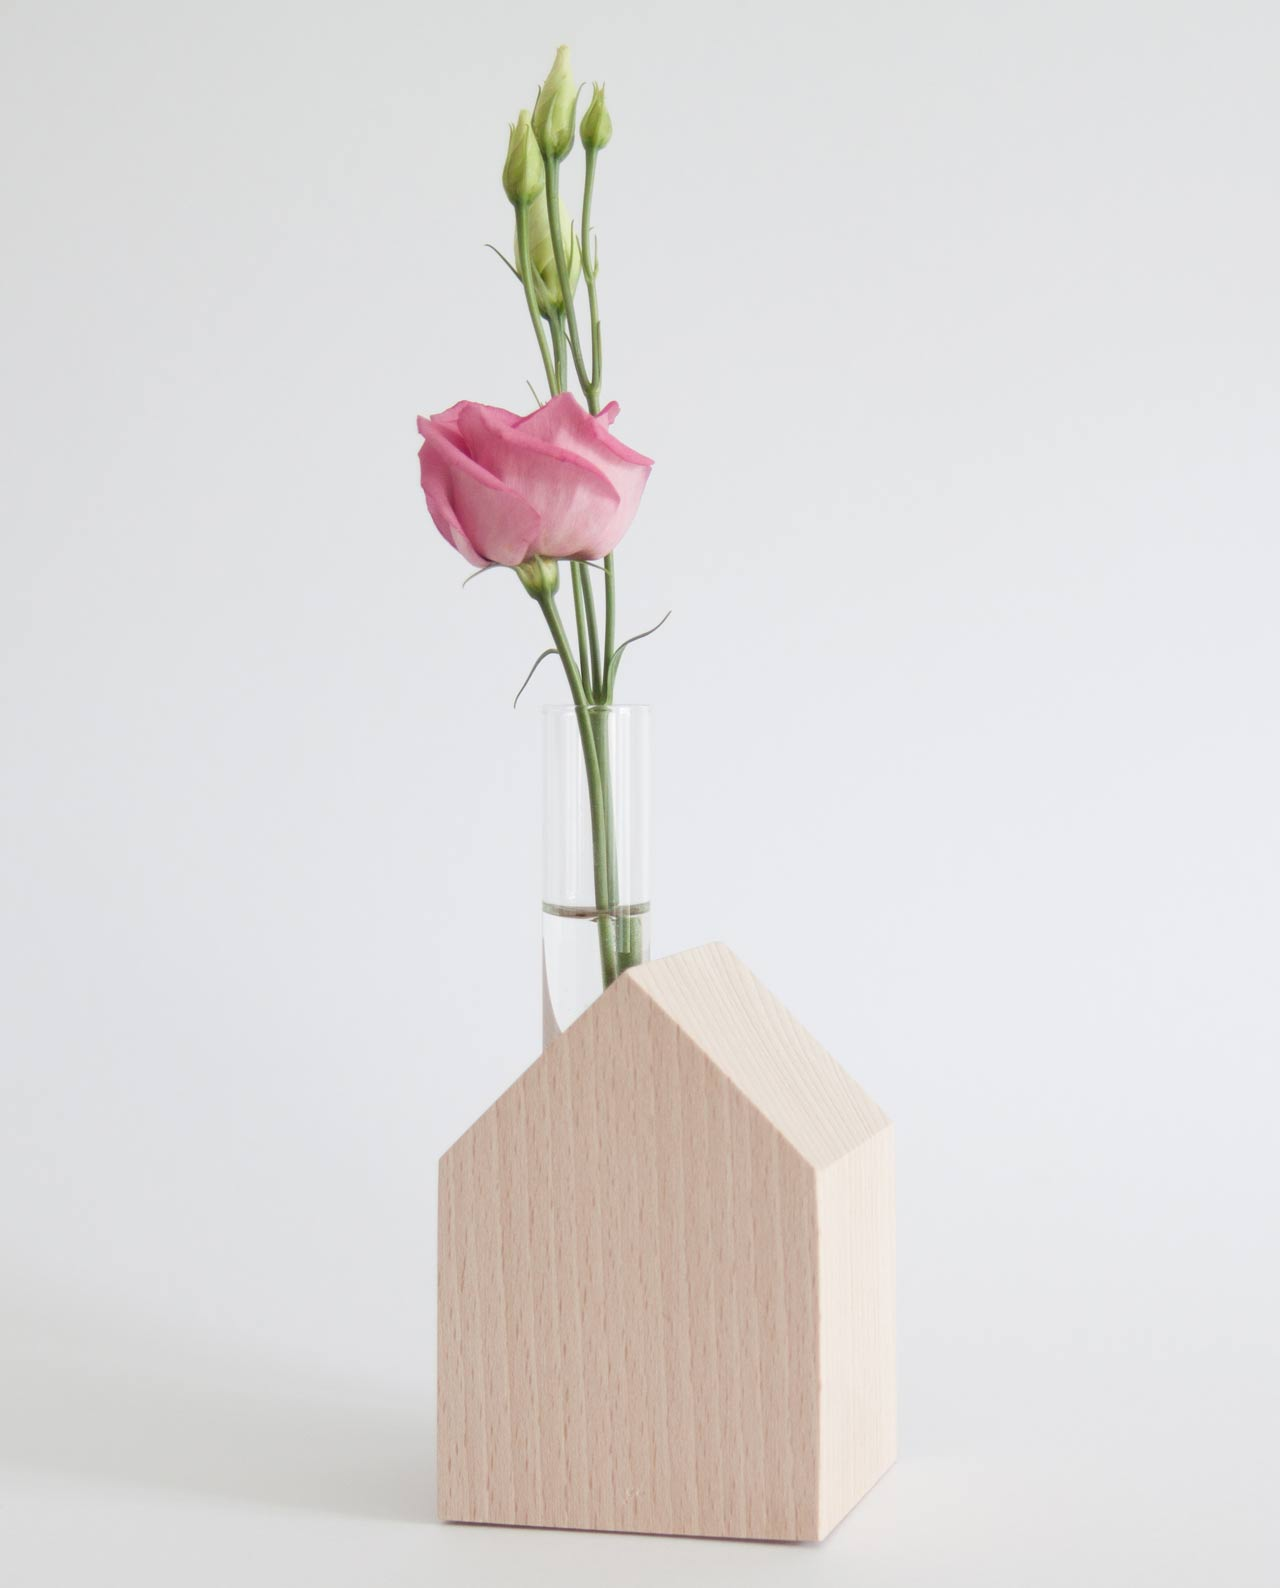 dekohaus mit kerze und vase aus holz buche natur daheim deko. Black Bedroom Furniture Sets. Home Design Ideas